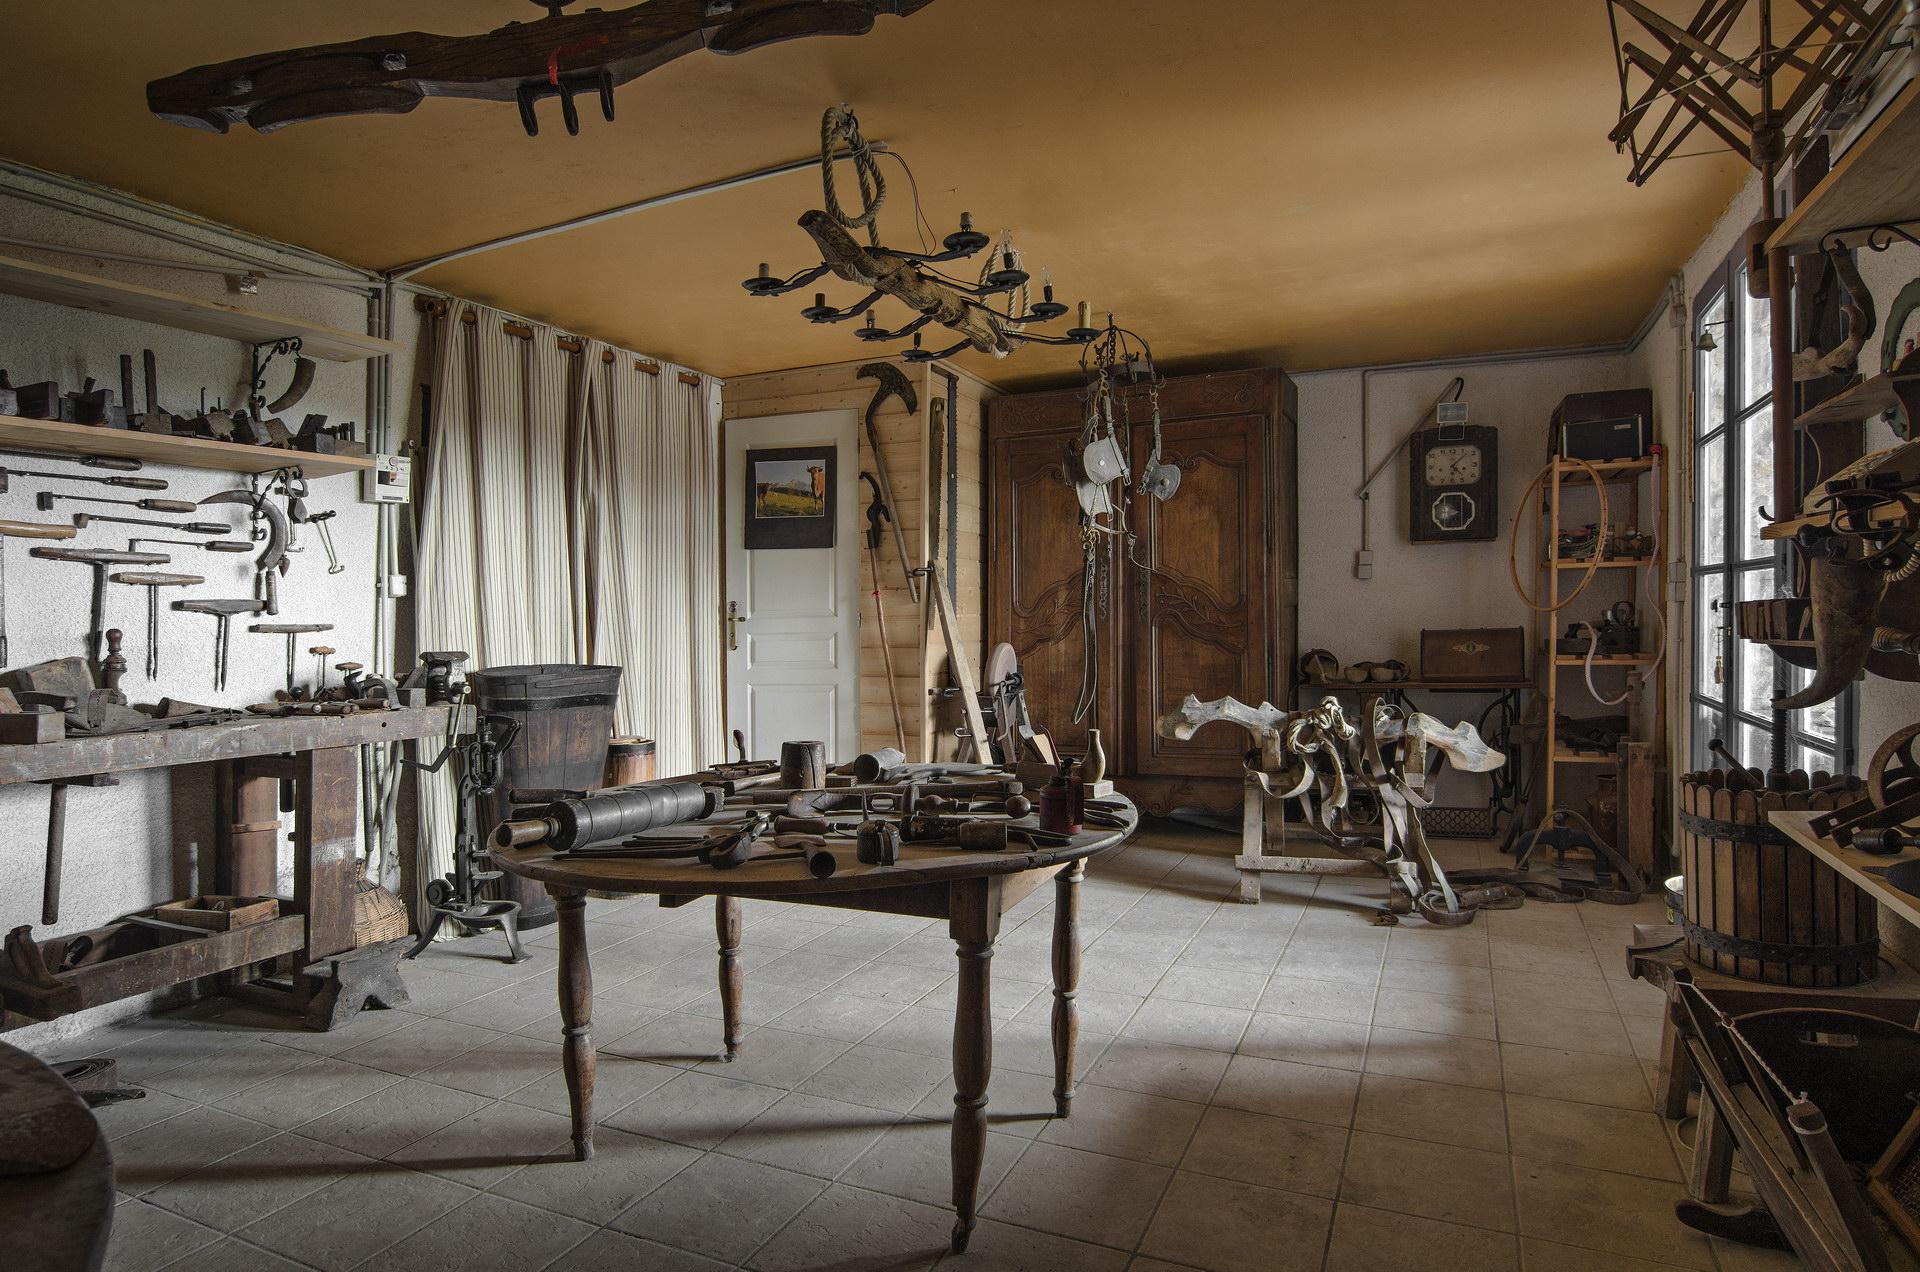 Fontaine Neuve gites et chambres d'hôtes à Lure : le musée des anciens, la collection d'outils